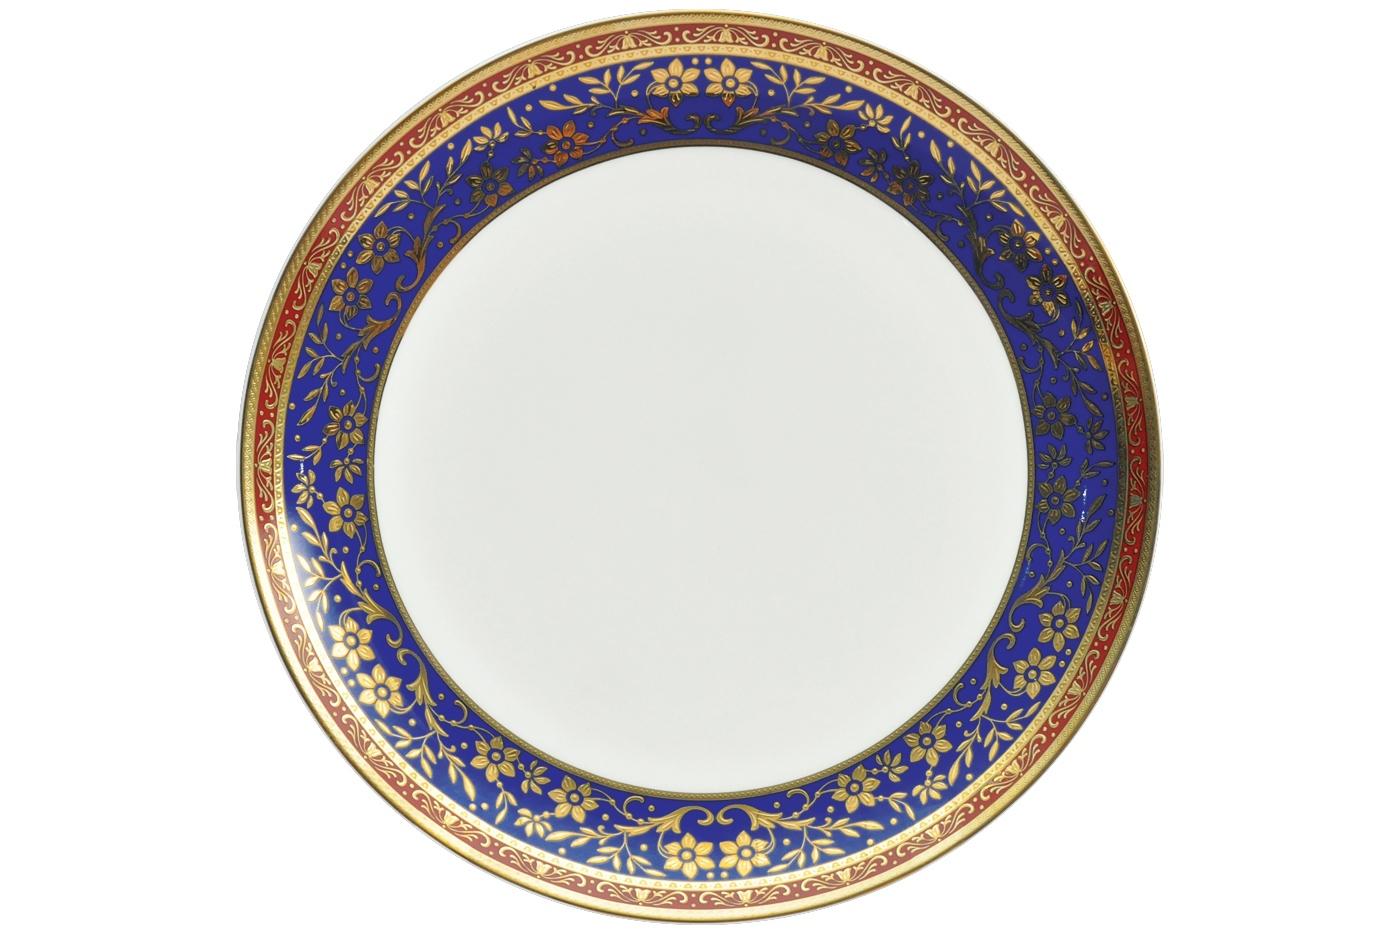 Набор из 6 тарелок Royal Aurel Кобальт (20см) арт.520Наборы тарелок<br>Набор из 6 тарелок Royal Aurel Кобальт (20см) арт.520<br>Производить посуду из фарфора начали в Китае на стыке 6-7 веков. Неустанно совершенствуя и селективно отбирая сырье для производства посуды из фарфора, мастерам удалось добиться выдающихся характеристик фарфора: белизны и тонкостенности. В XV веке появился особый интерес к китайской фарфоровой посуде, так как в это время Европе возникла мода на самобытные китайские вещи. Роскошный китайский фарфор являлся изыском и был в новинку, поэтому он выступал в качестве подарка королям, а также знатным людям. Такой дорогой подарок был очень престижен и по праву являлся элитной посудой. Как известно из многочисленных исторических документов, в Европе китайские изделия из фарфора ценились практически как золото. <br>Проверка изделий из костяного фарфора на подлинность <br>По сравнению с производством других видов фарфора процесс производства изделий из настоящего костяного фарфора сложен и весьма длителен. Посуда из изящного фарфора - это элитная посуда, которая всегда ассоциируется с богатством, величием и благородством. Несмотря на небольшую толщину, фарфоровая посуда - это очень прочное изделие. Для демонстрации плотности и прочности фарфора можно легко коснуться предметов посуды из фарфора деревянной палочкой, и тогда мы услушим характерный металлический звон. В составе фарфоровой посуды присутствует костяная зола, благодаря чему она может быть намного тоньше (не более 2,5 мм) и легче твердого или мягкого фарфора. Безупречная белизна - ключевой признак отличия такого фарфора от других. Цвет обычного фарфора сероватый или ближе к голубоватому, а костяной фарфор будет всегда будет молочно-белого цвета. Характерная и немаловажная деталь - это невесомая прозрачность изделий из фарфора такая, что сквозь него проходит свет.<br>